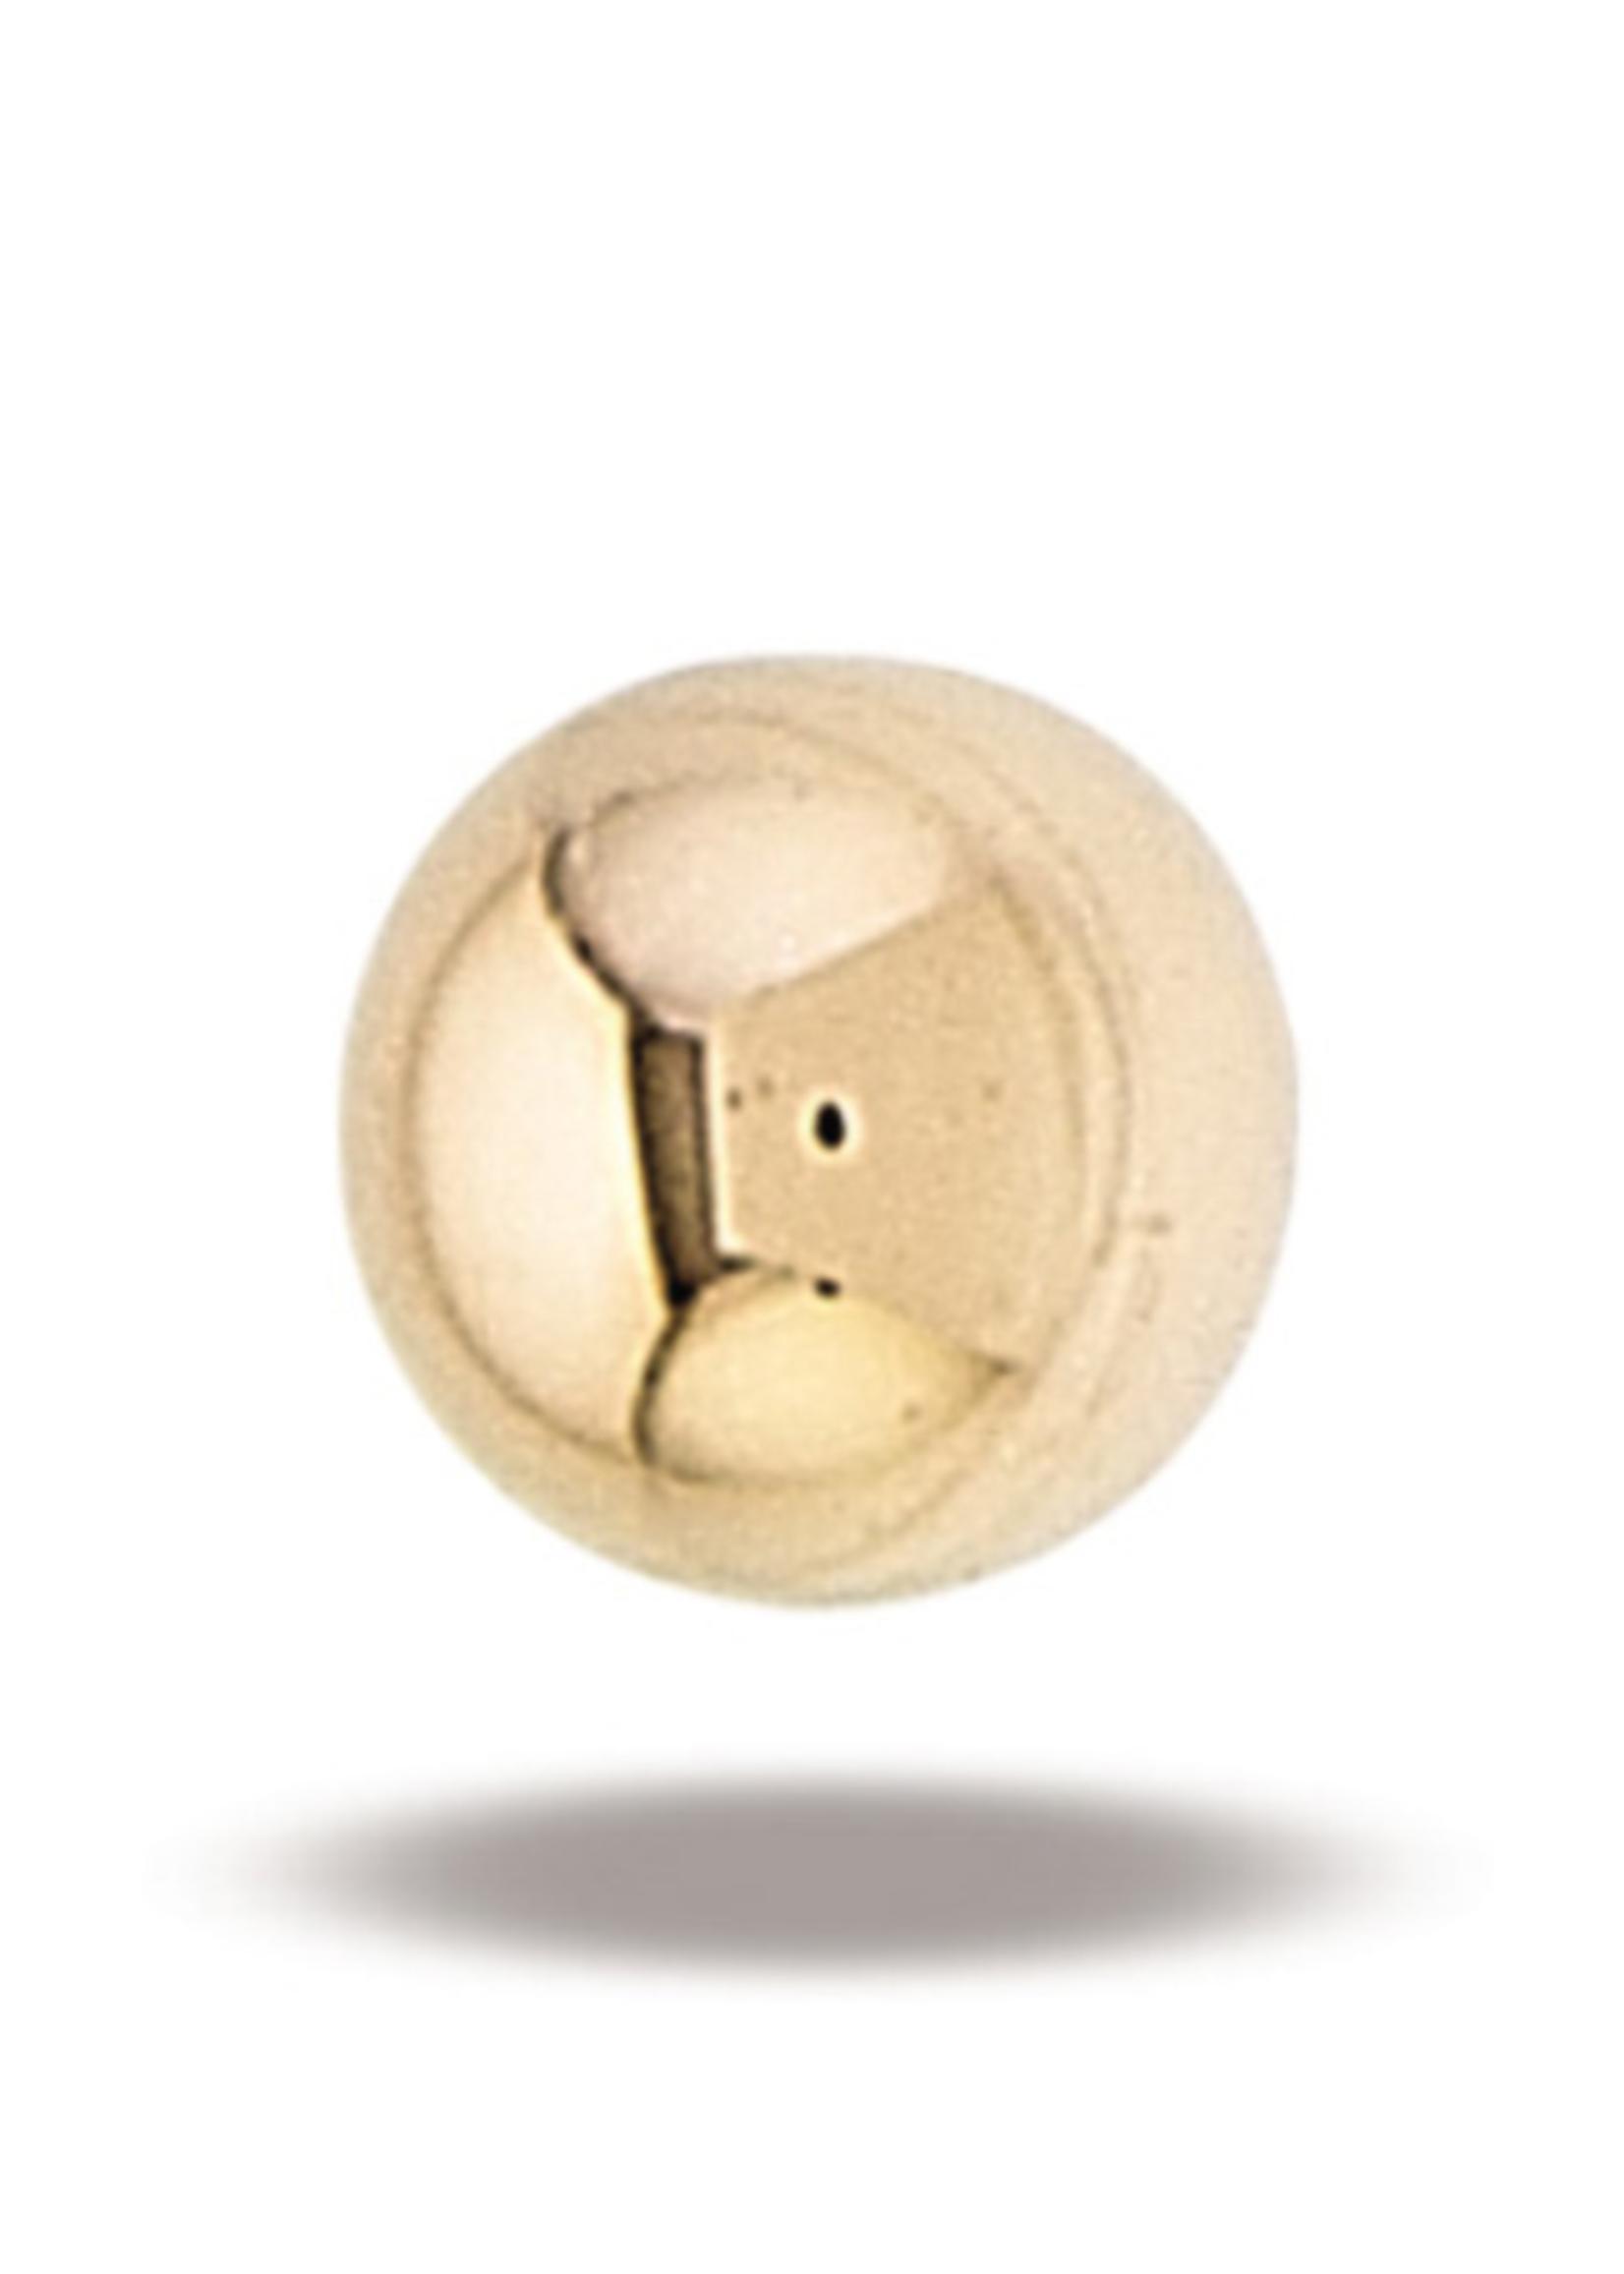 14k RG 2.5mm Ball End